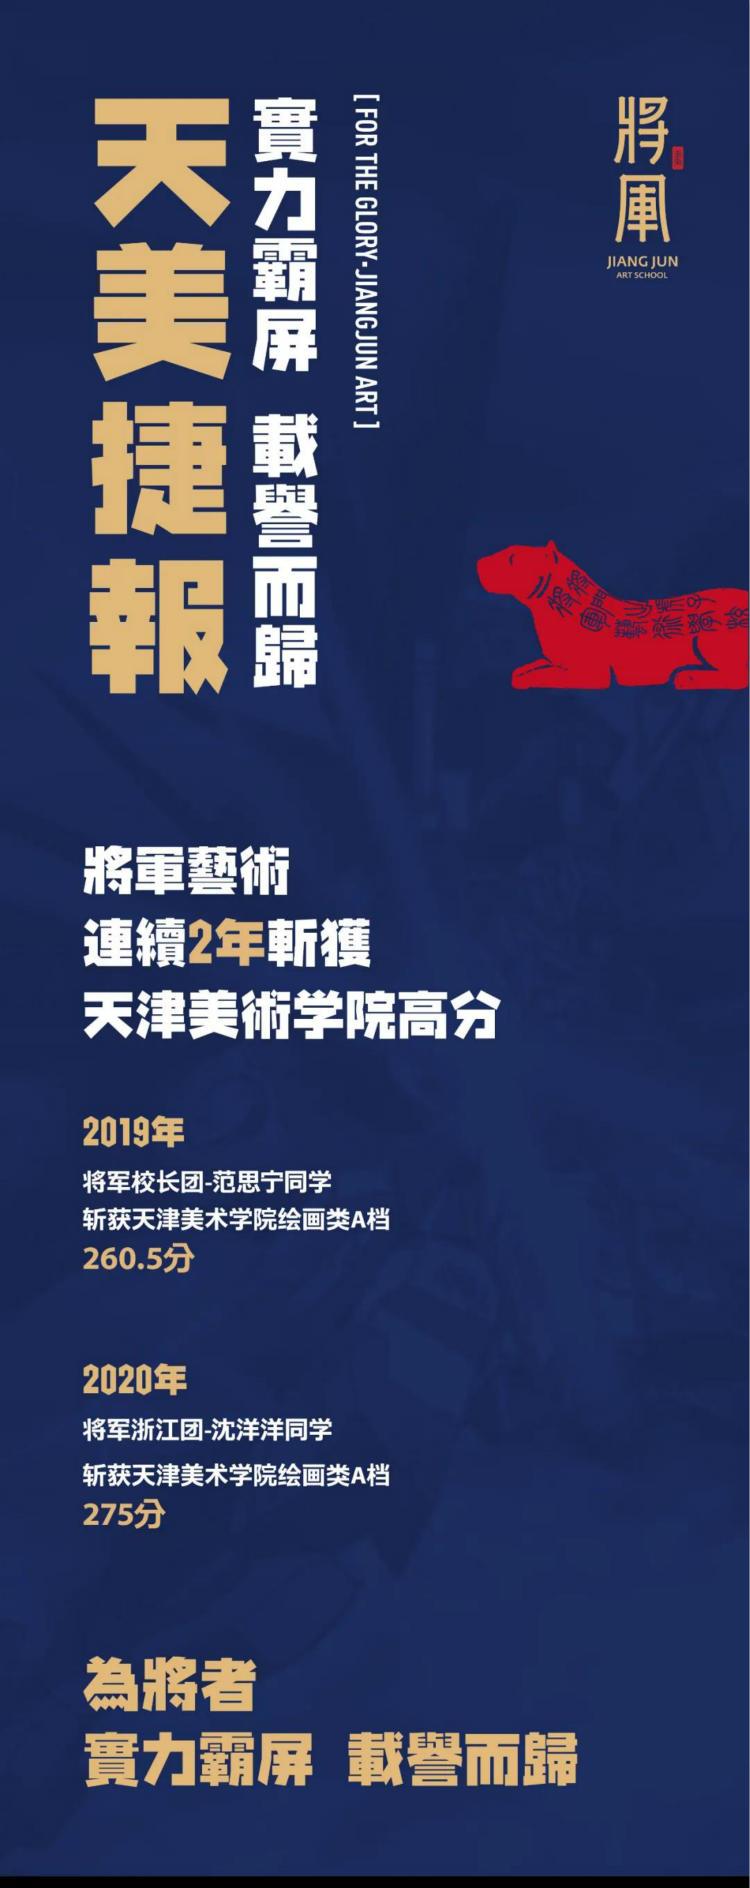 将军画室天津美术学院高分学子成绩2